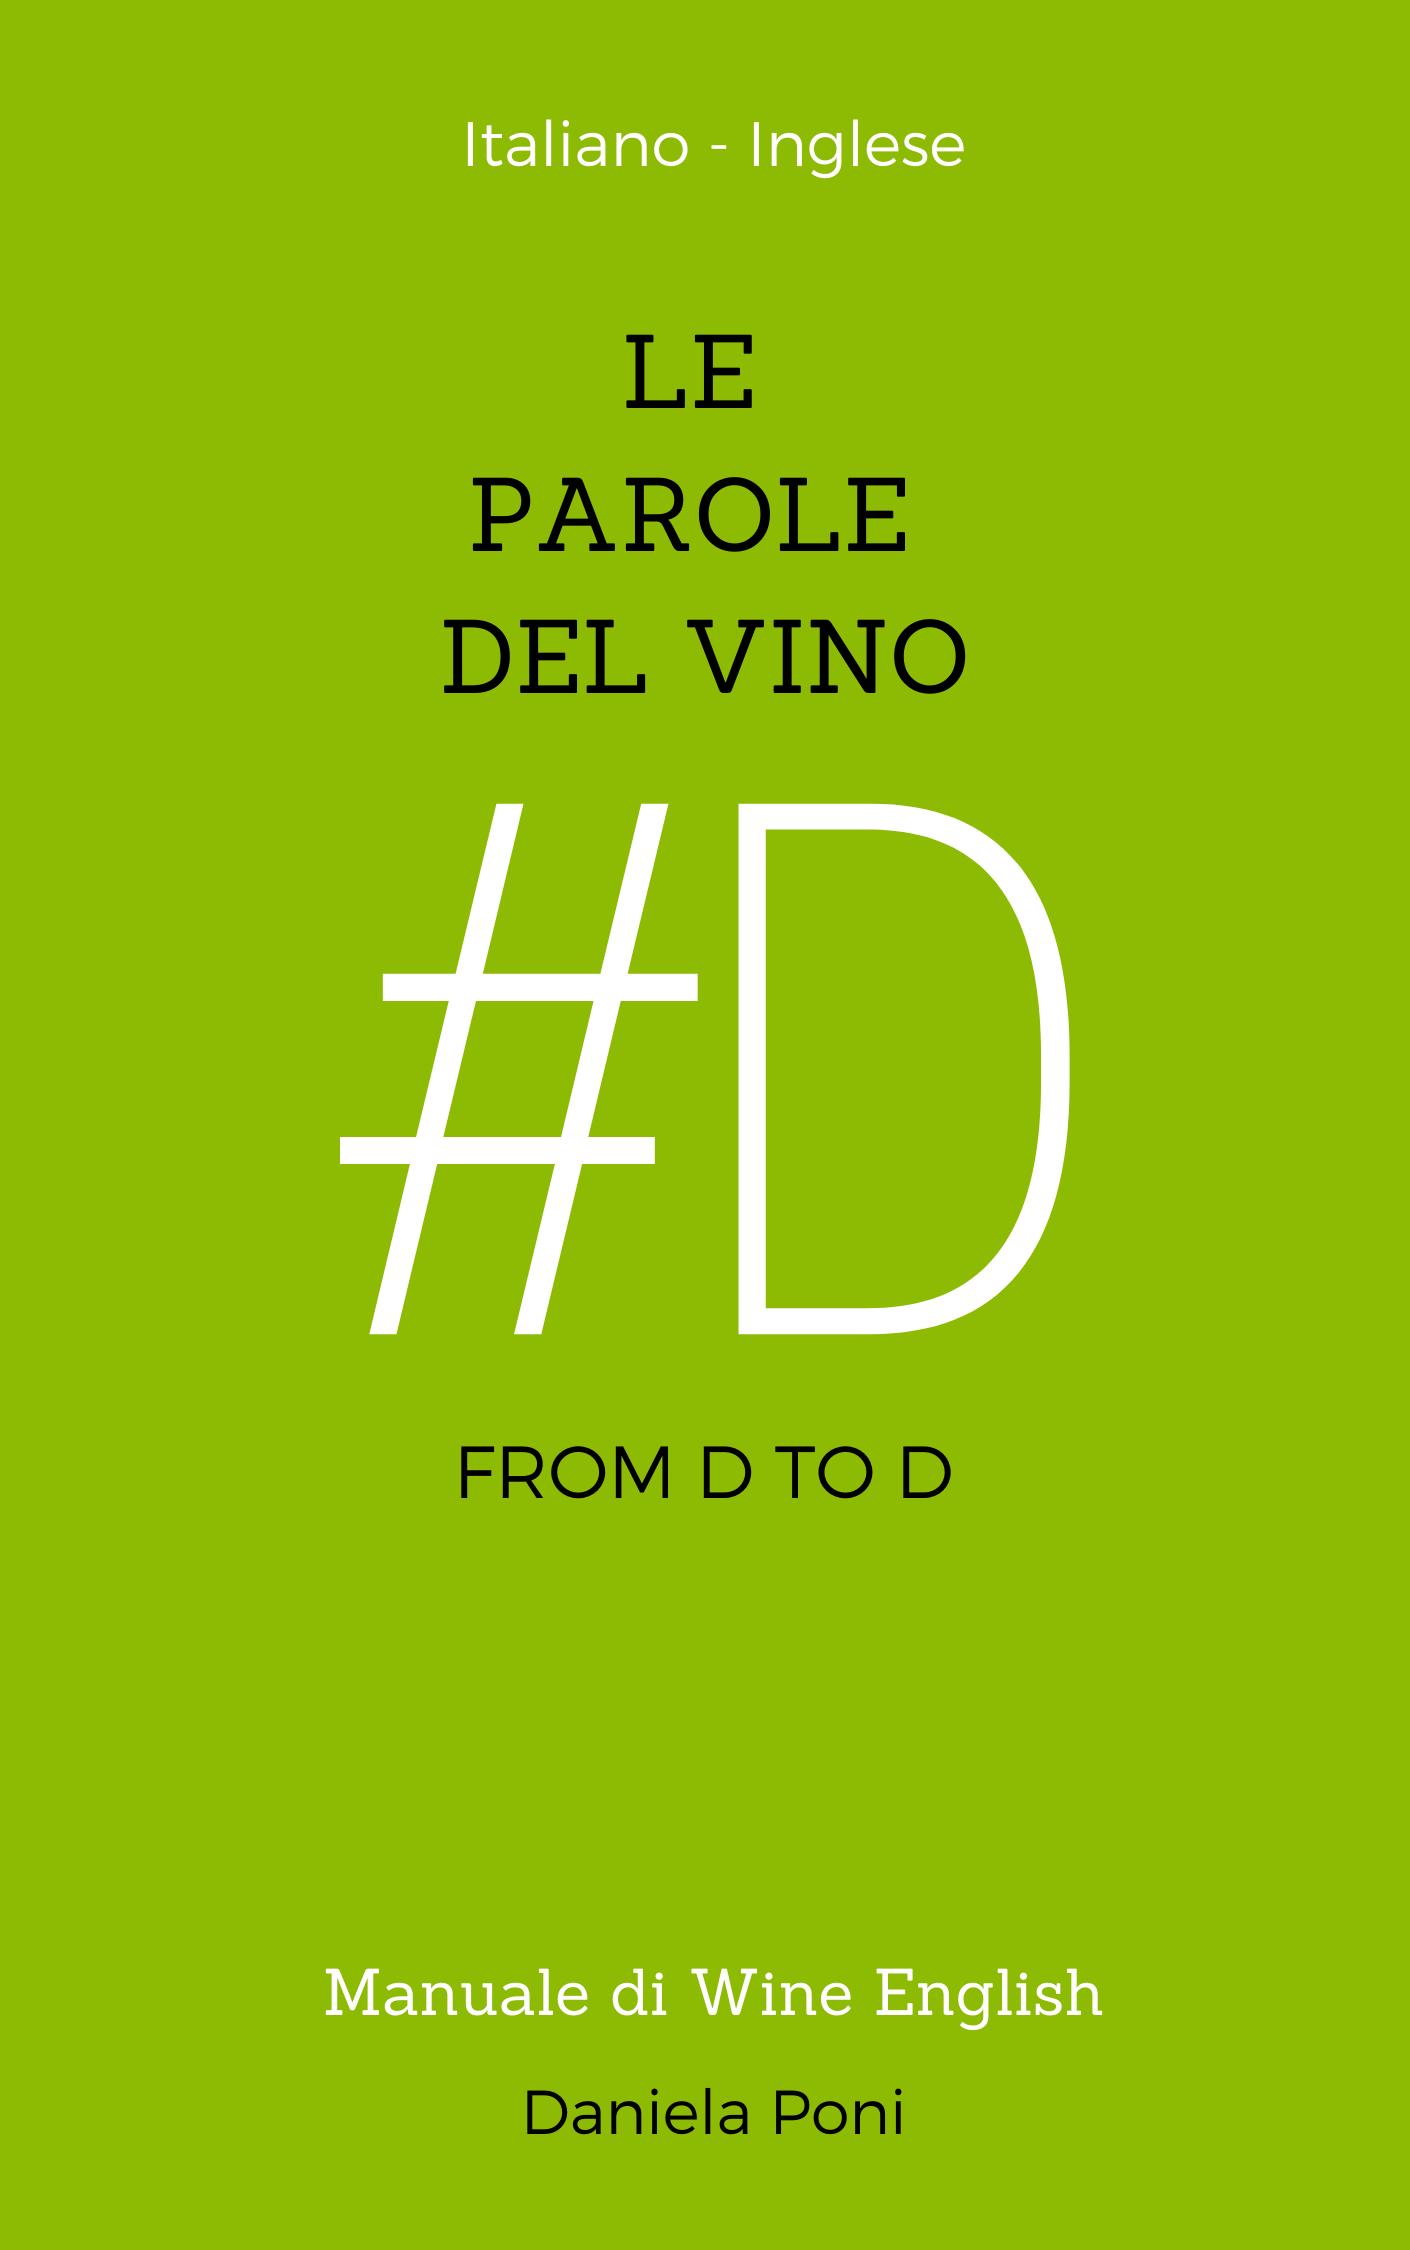 DANIELA PONI wine english